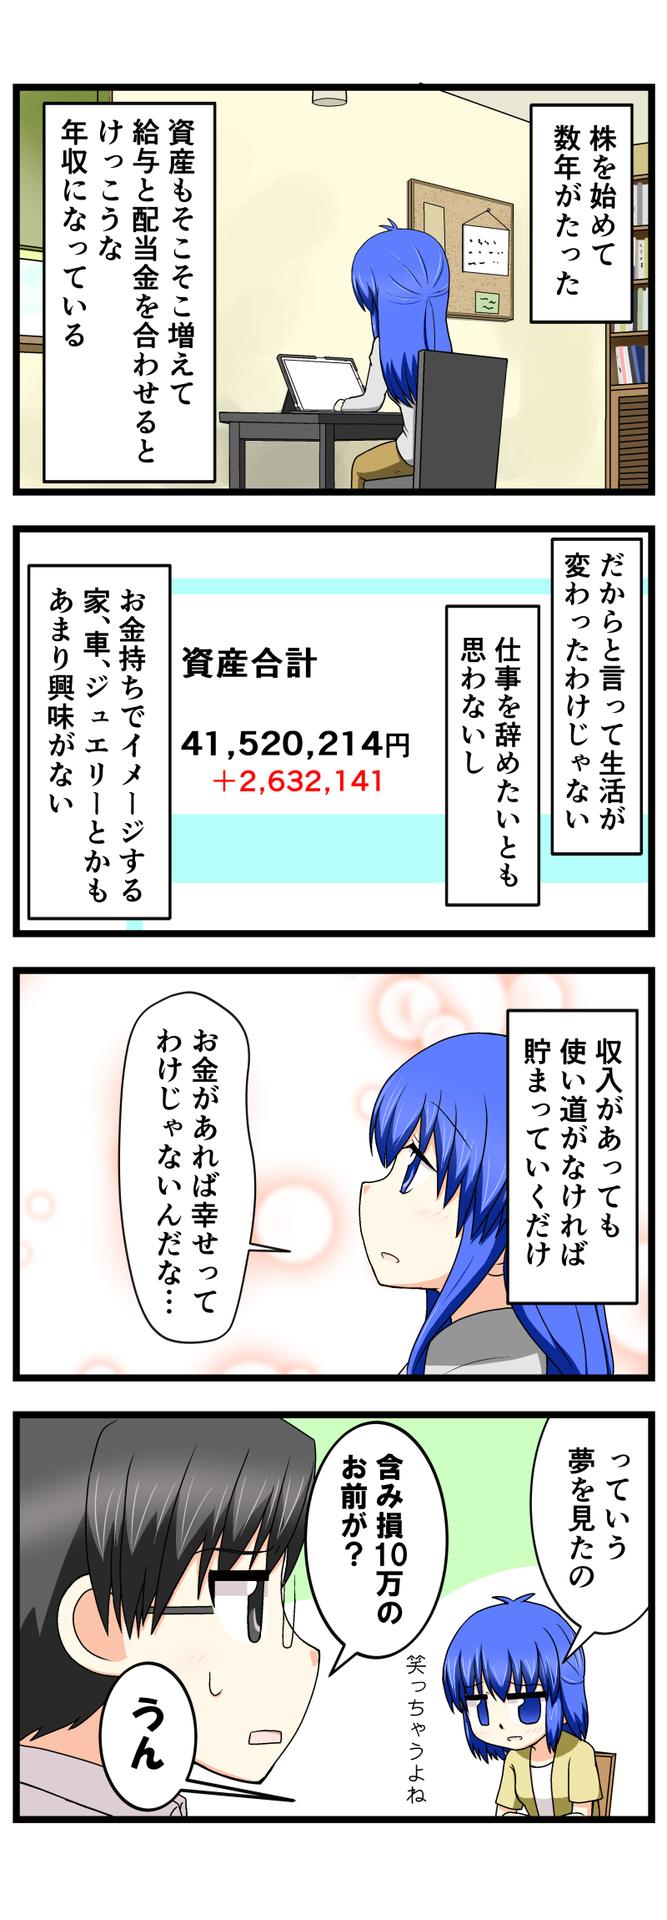 萌える株セミナー66.jpg